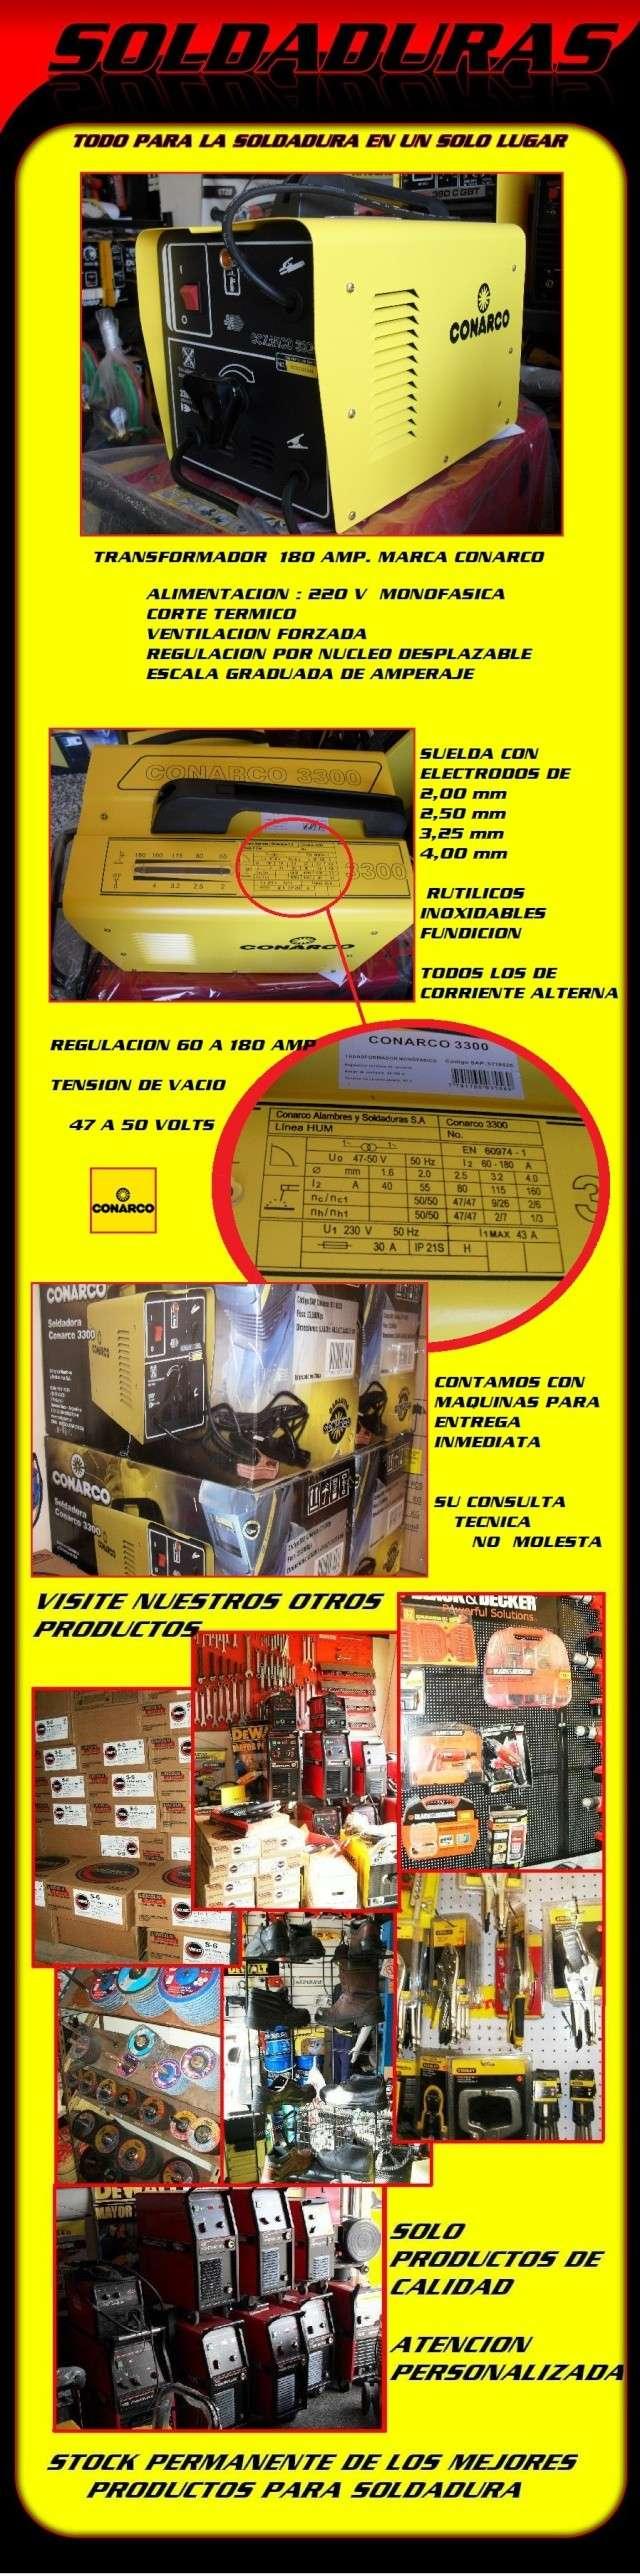 TRANSFORMADOR CONARCO 3300 PARA ELECTRODOS Conarc10